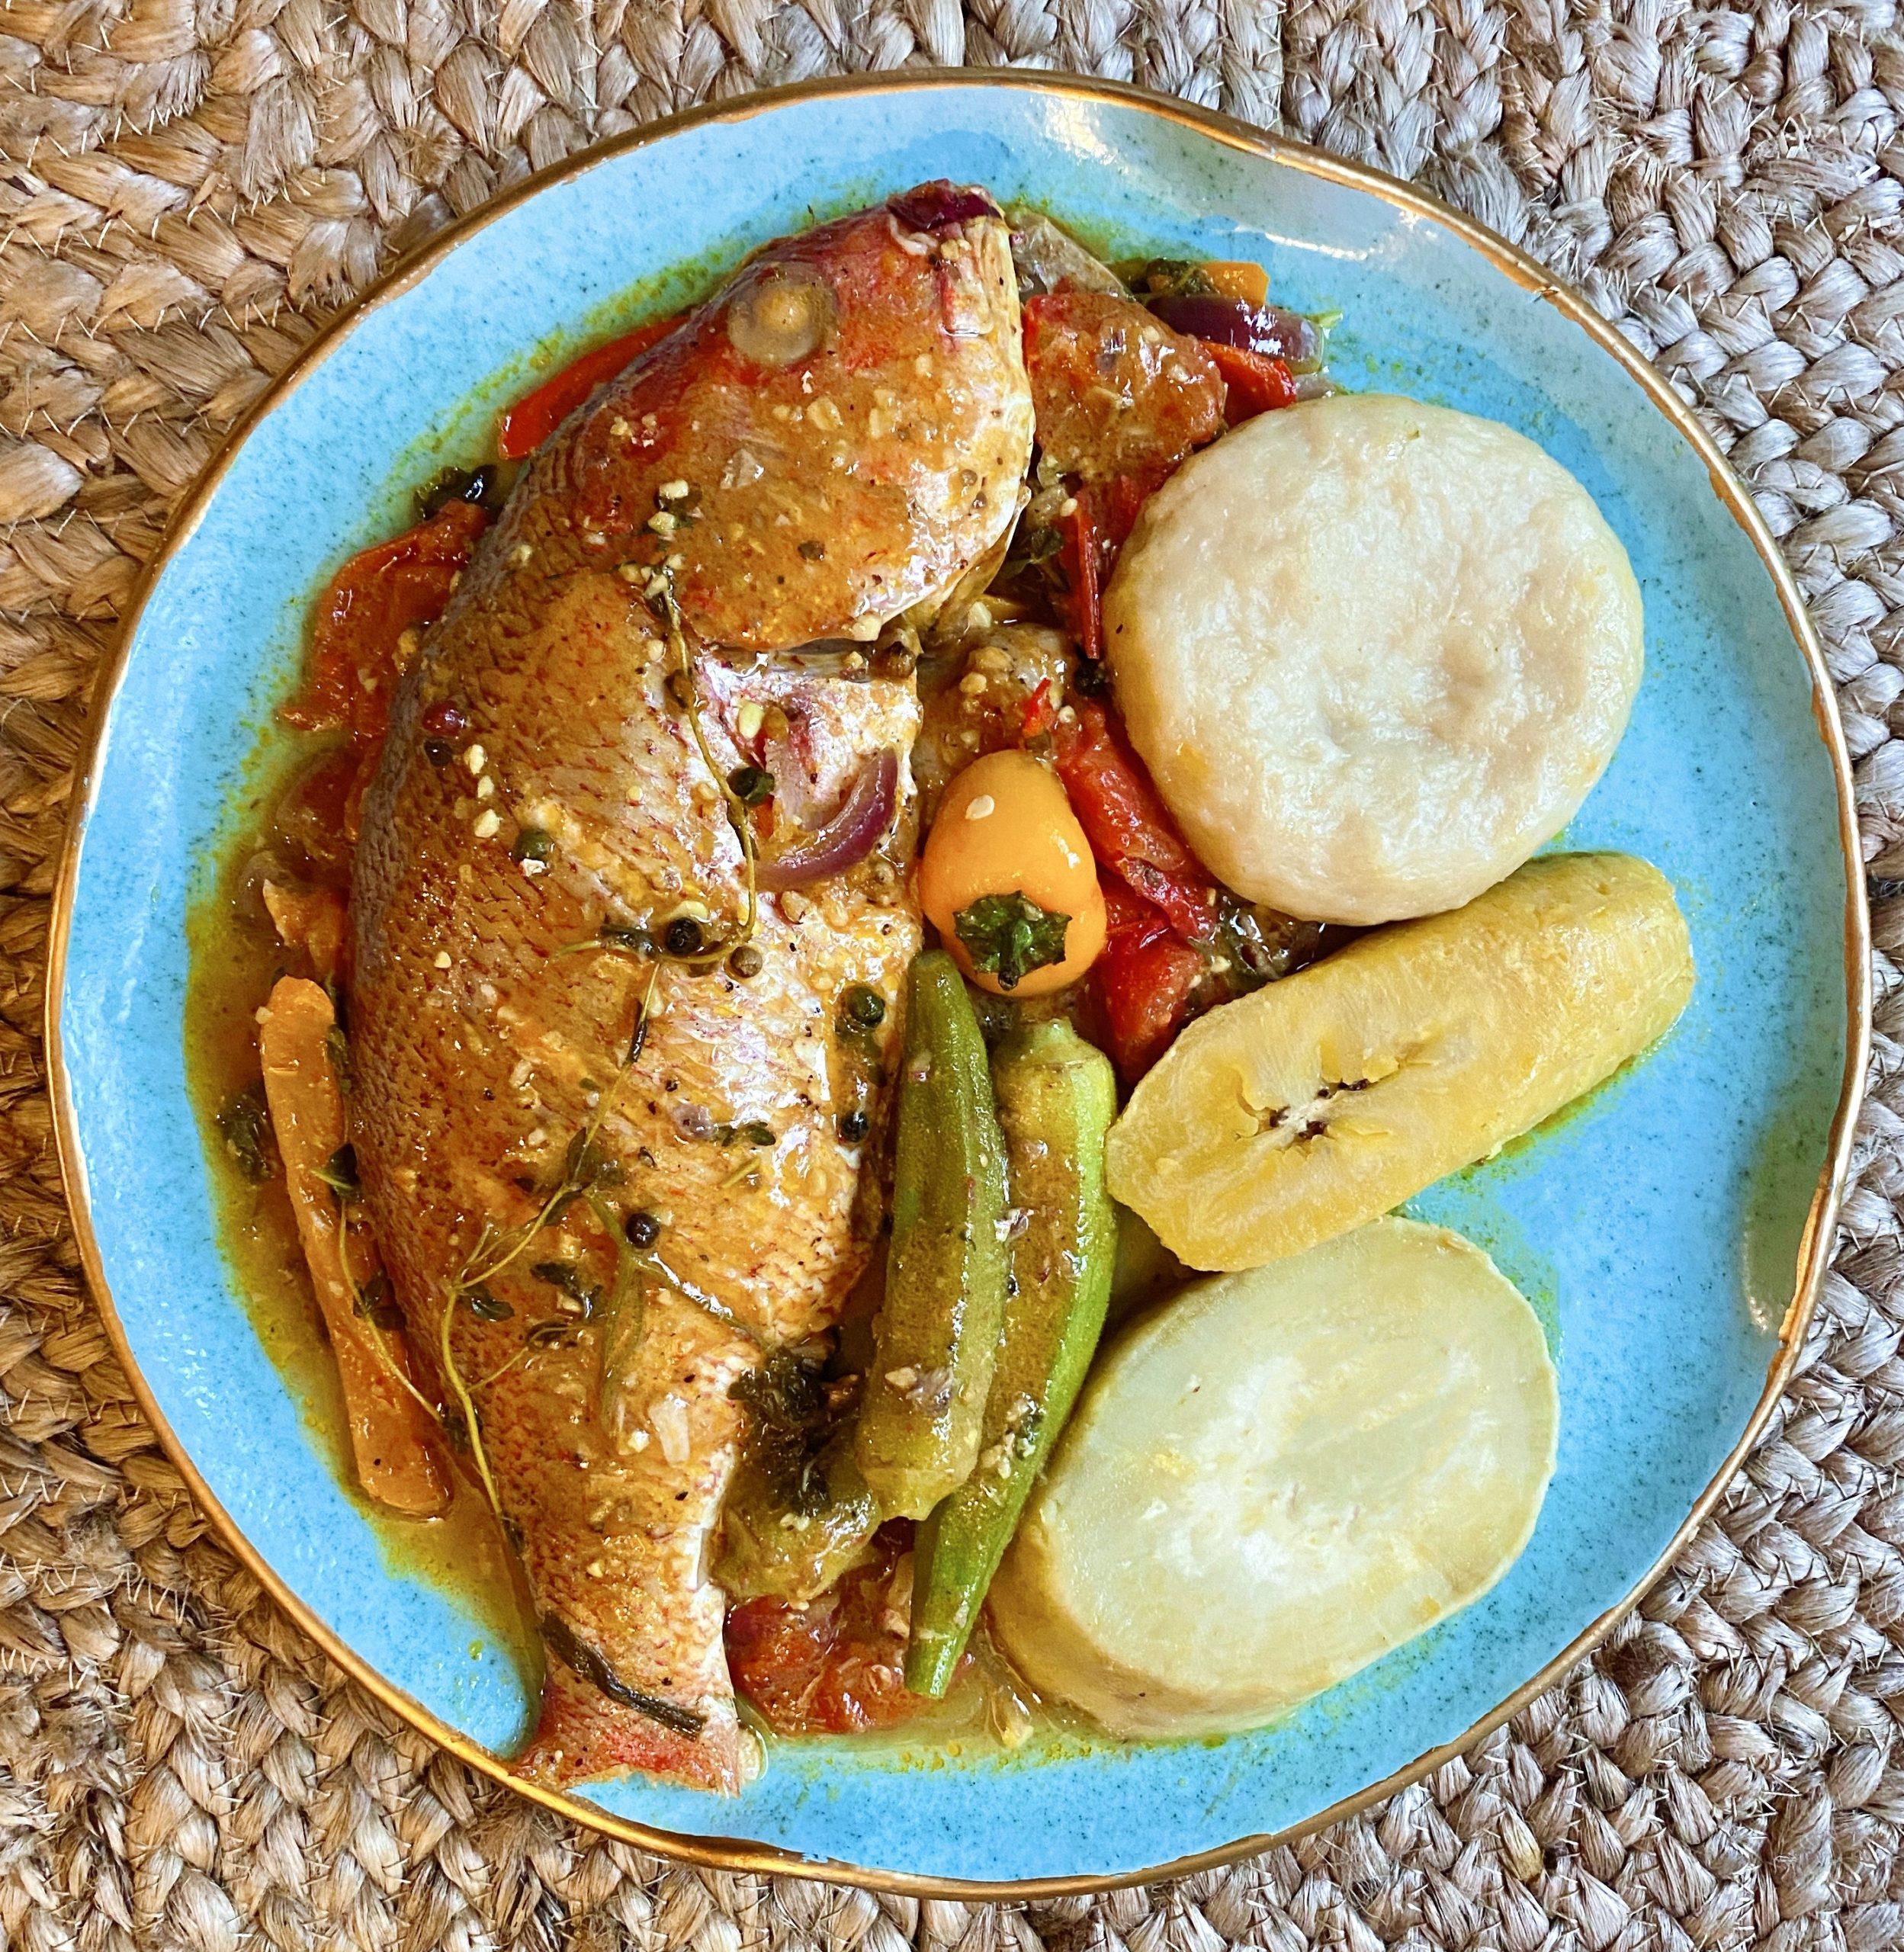 Dominica coubouillon recipe